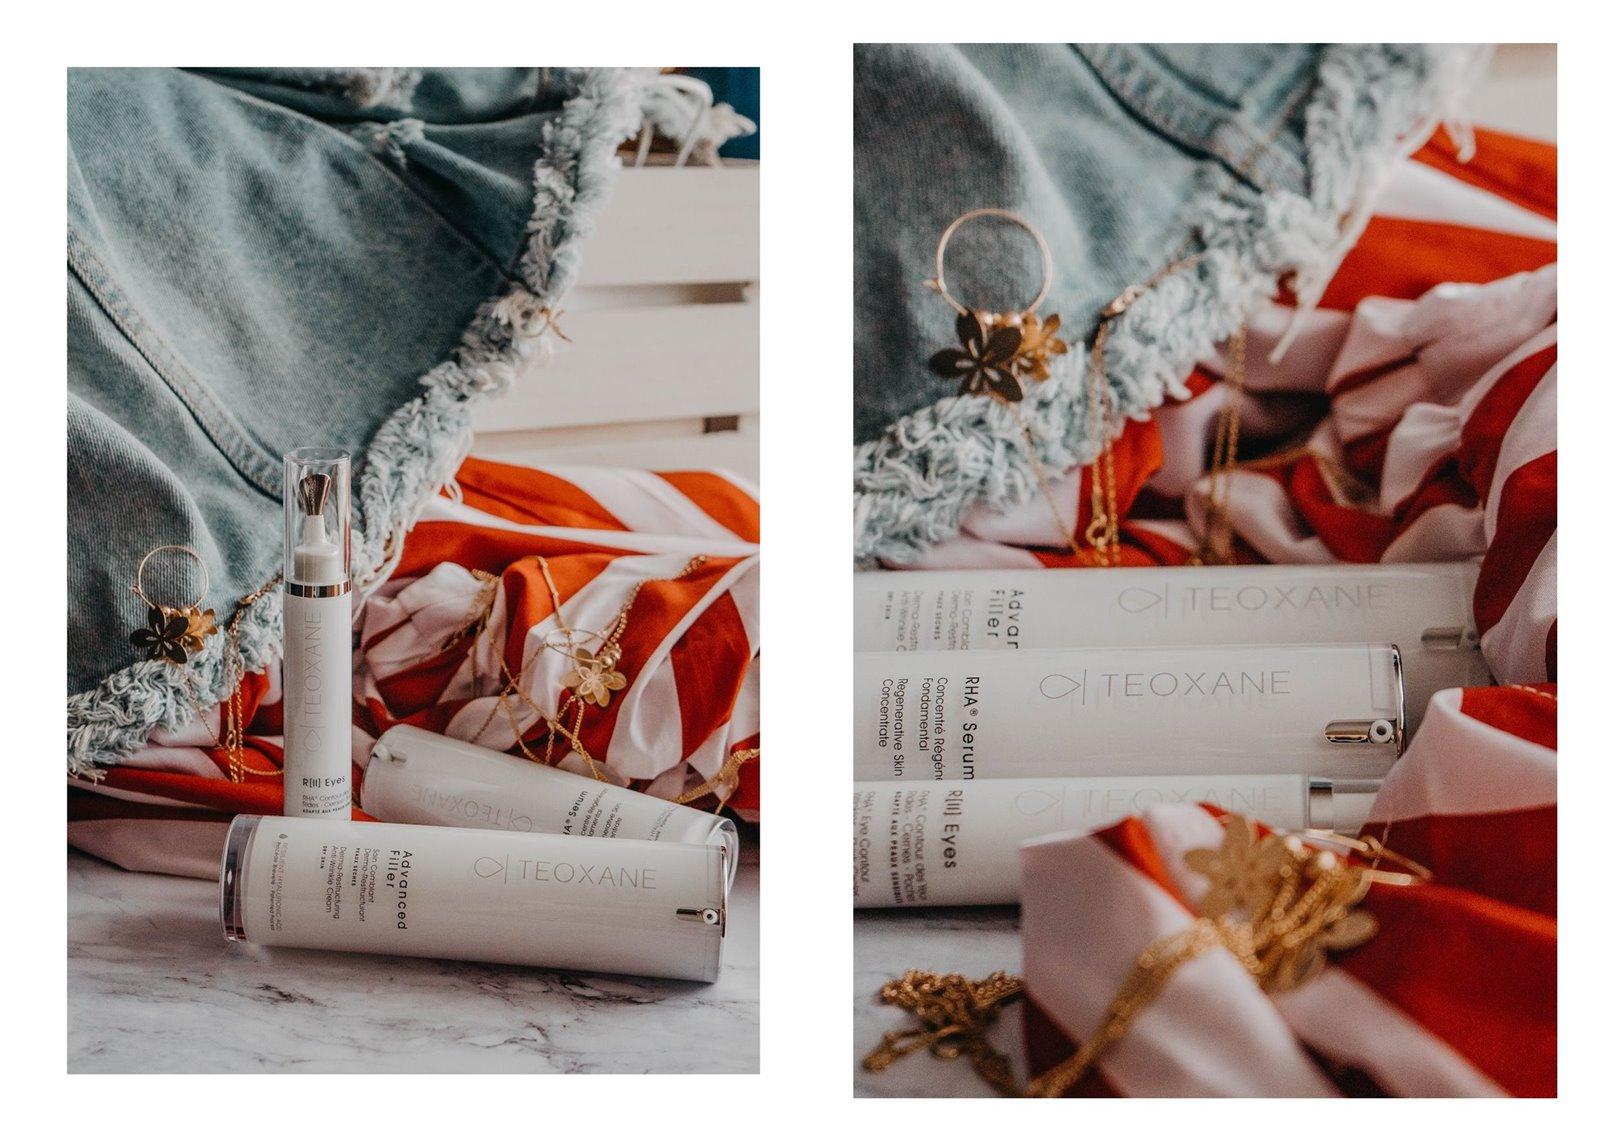 1_teoxane kosmetyki przeciwzmarszkowe z kwasem hialuronowym gdzie kupić ile kosztują cena jakosć opinie czy warto blog recenzja kosmetyki przeciwzmarszczkowe warte uwagi po zabiegach medycyny estetycznej